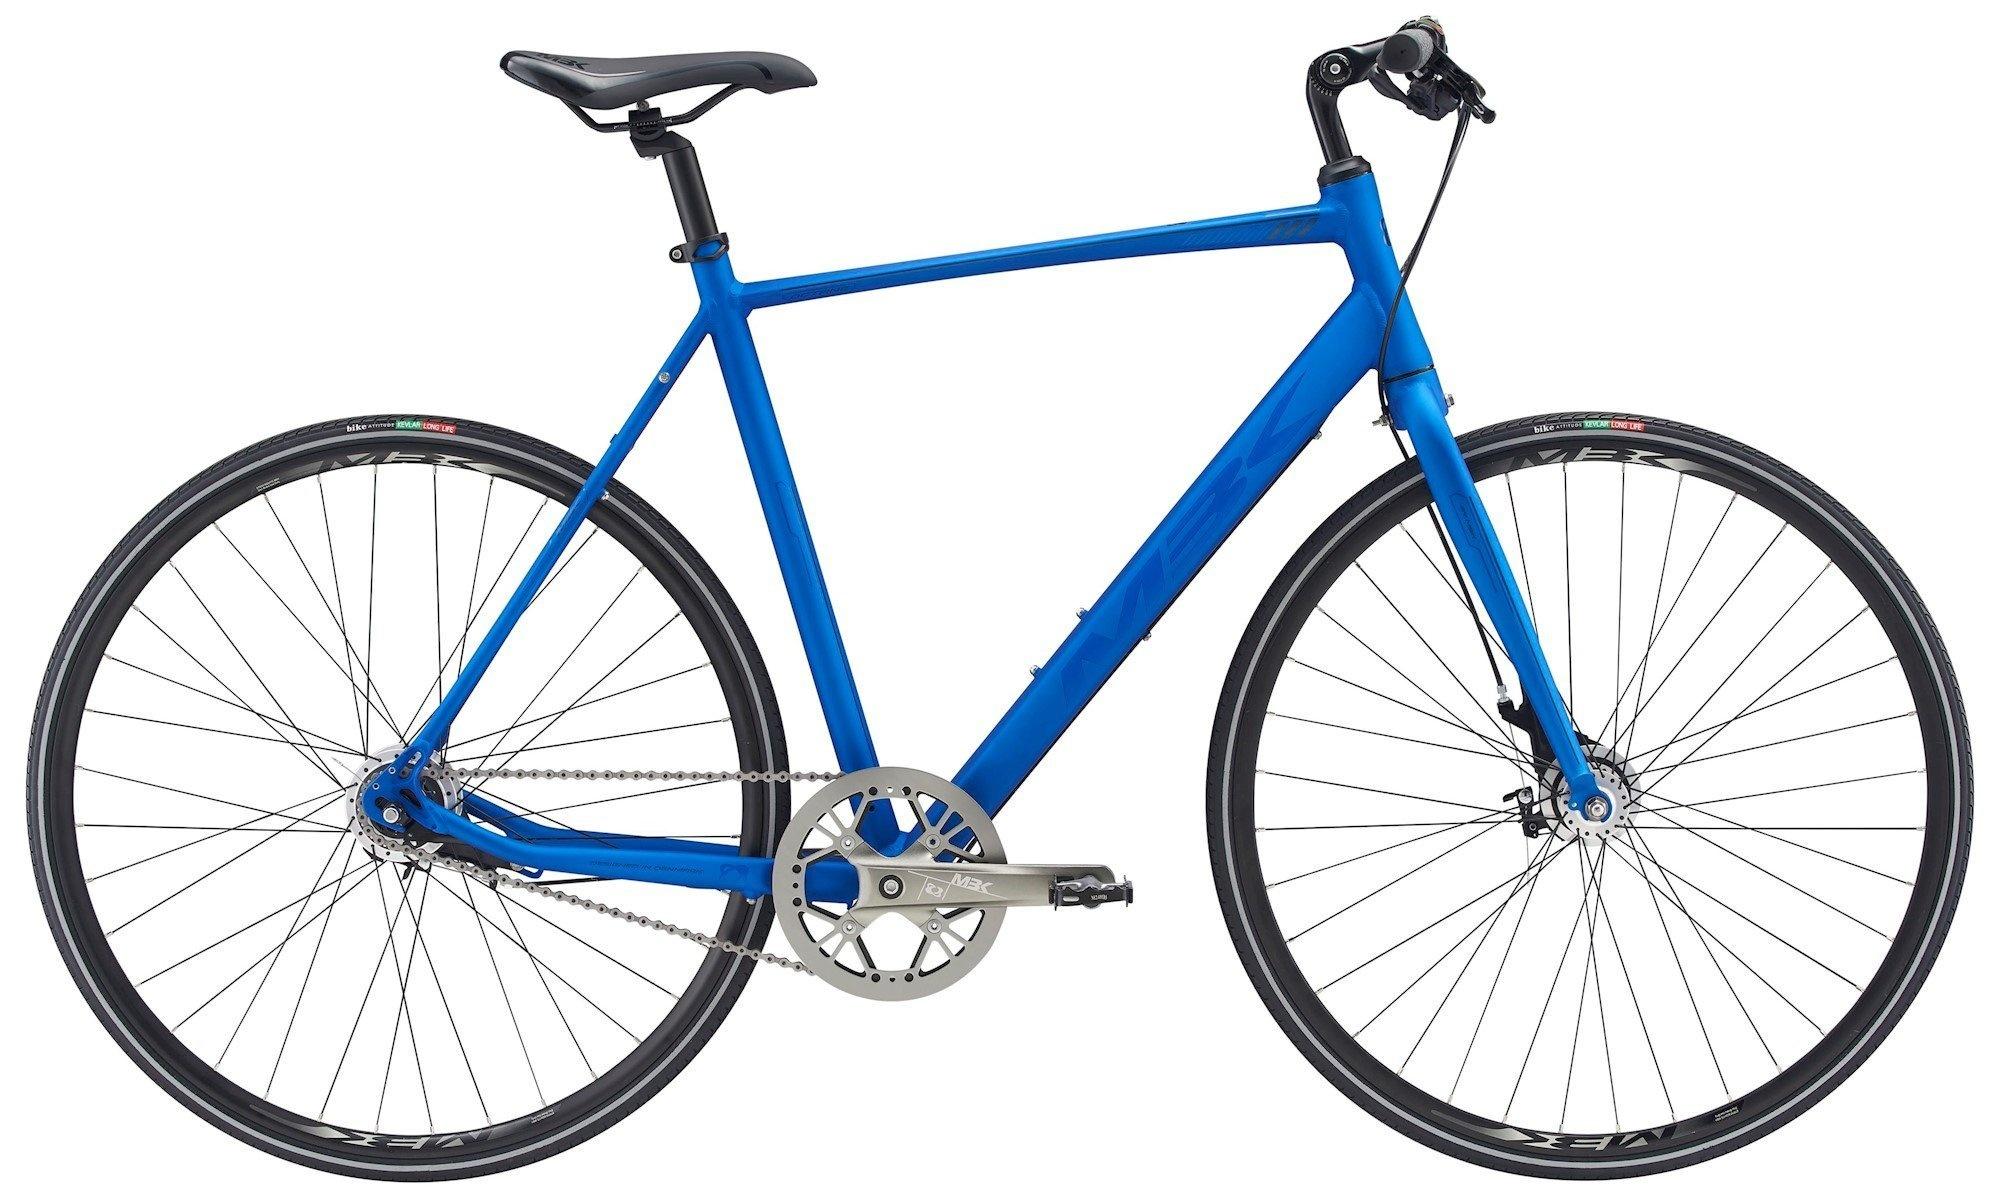 Mbk Mbk Octane Herre 7G Rullebremse 2020 - Blå Cykler > Herrecykler